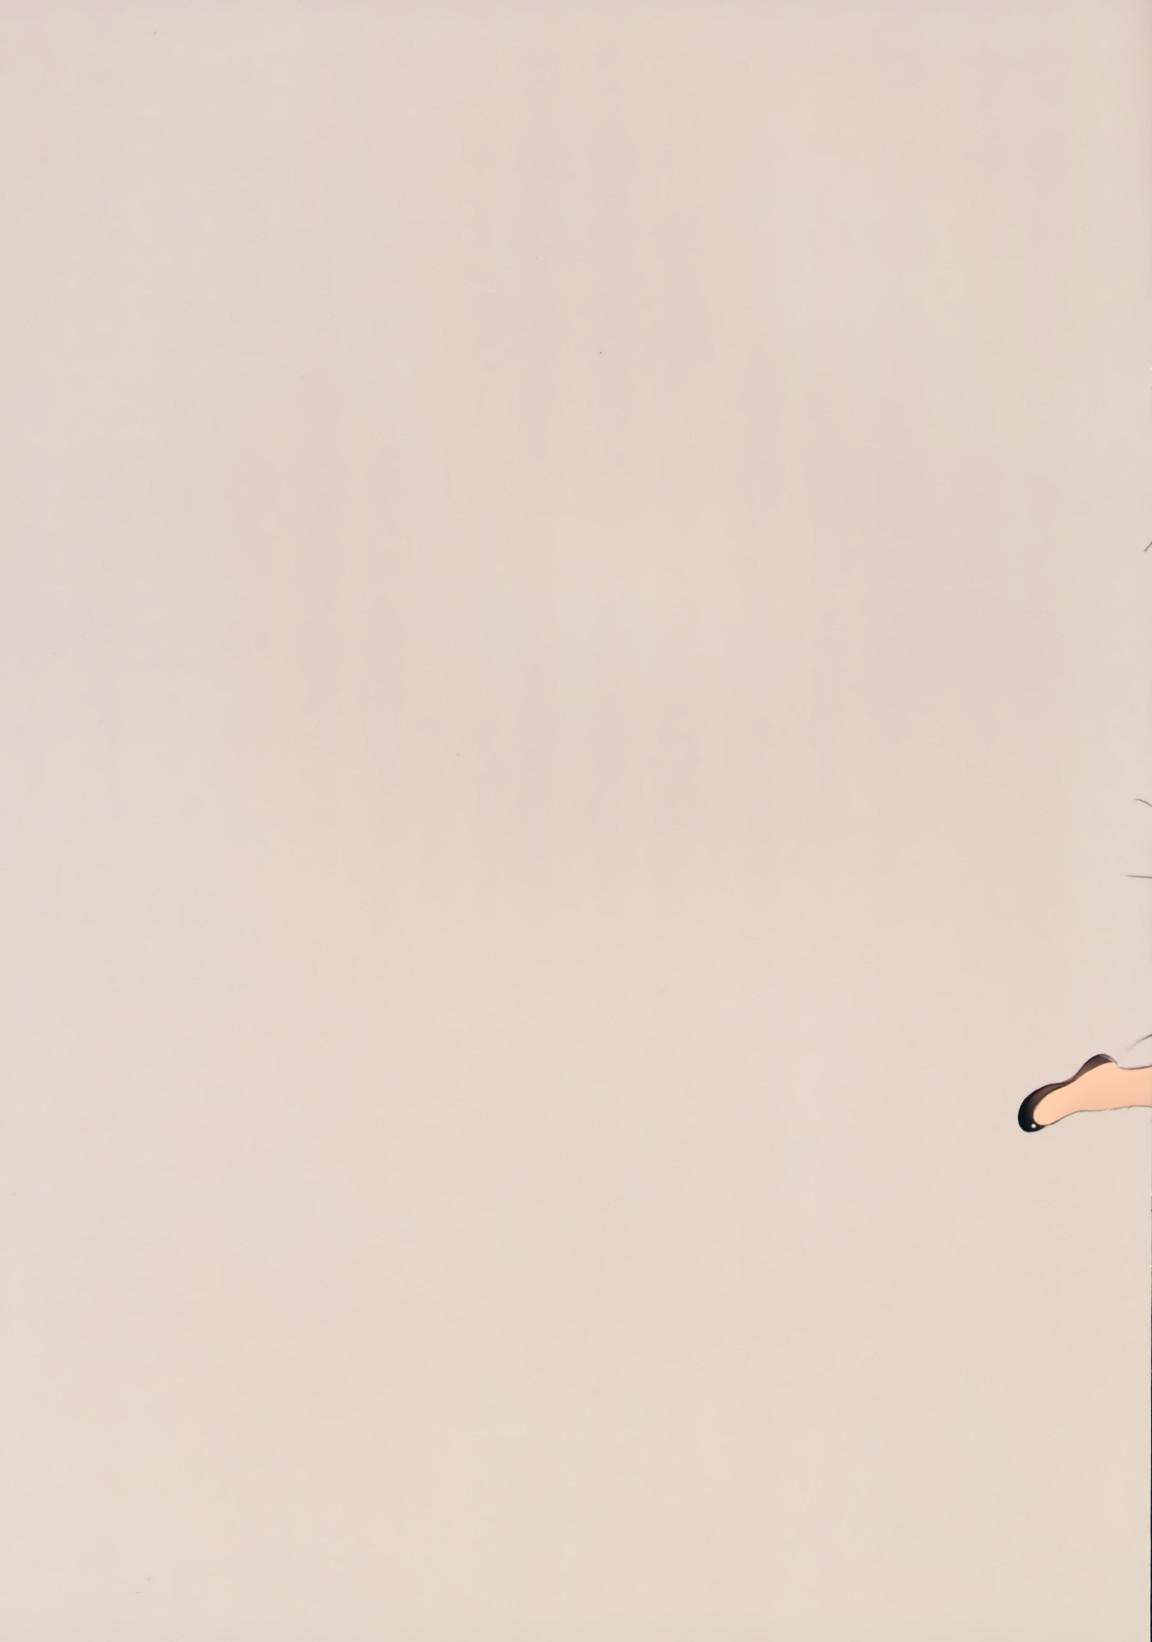 姉妹アイドルのプロデューサーになったところ、姉妹二人と恋人関係になっちゃう不思議な三角関係wwwwww【モバマス エロ漫画・エロ同人】 (31)